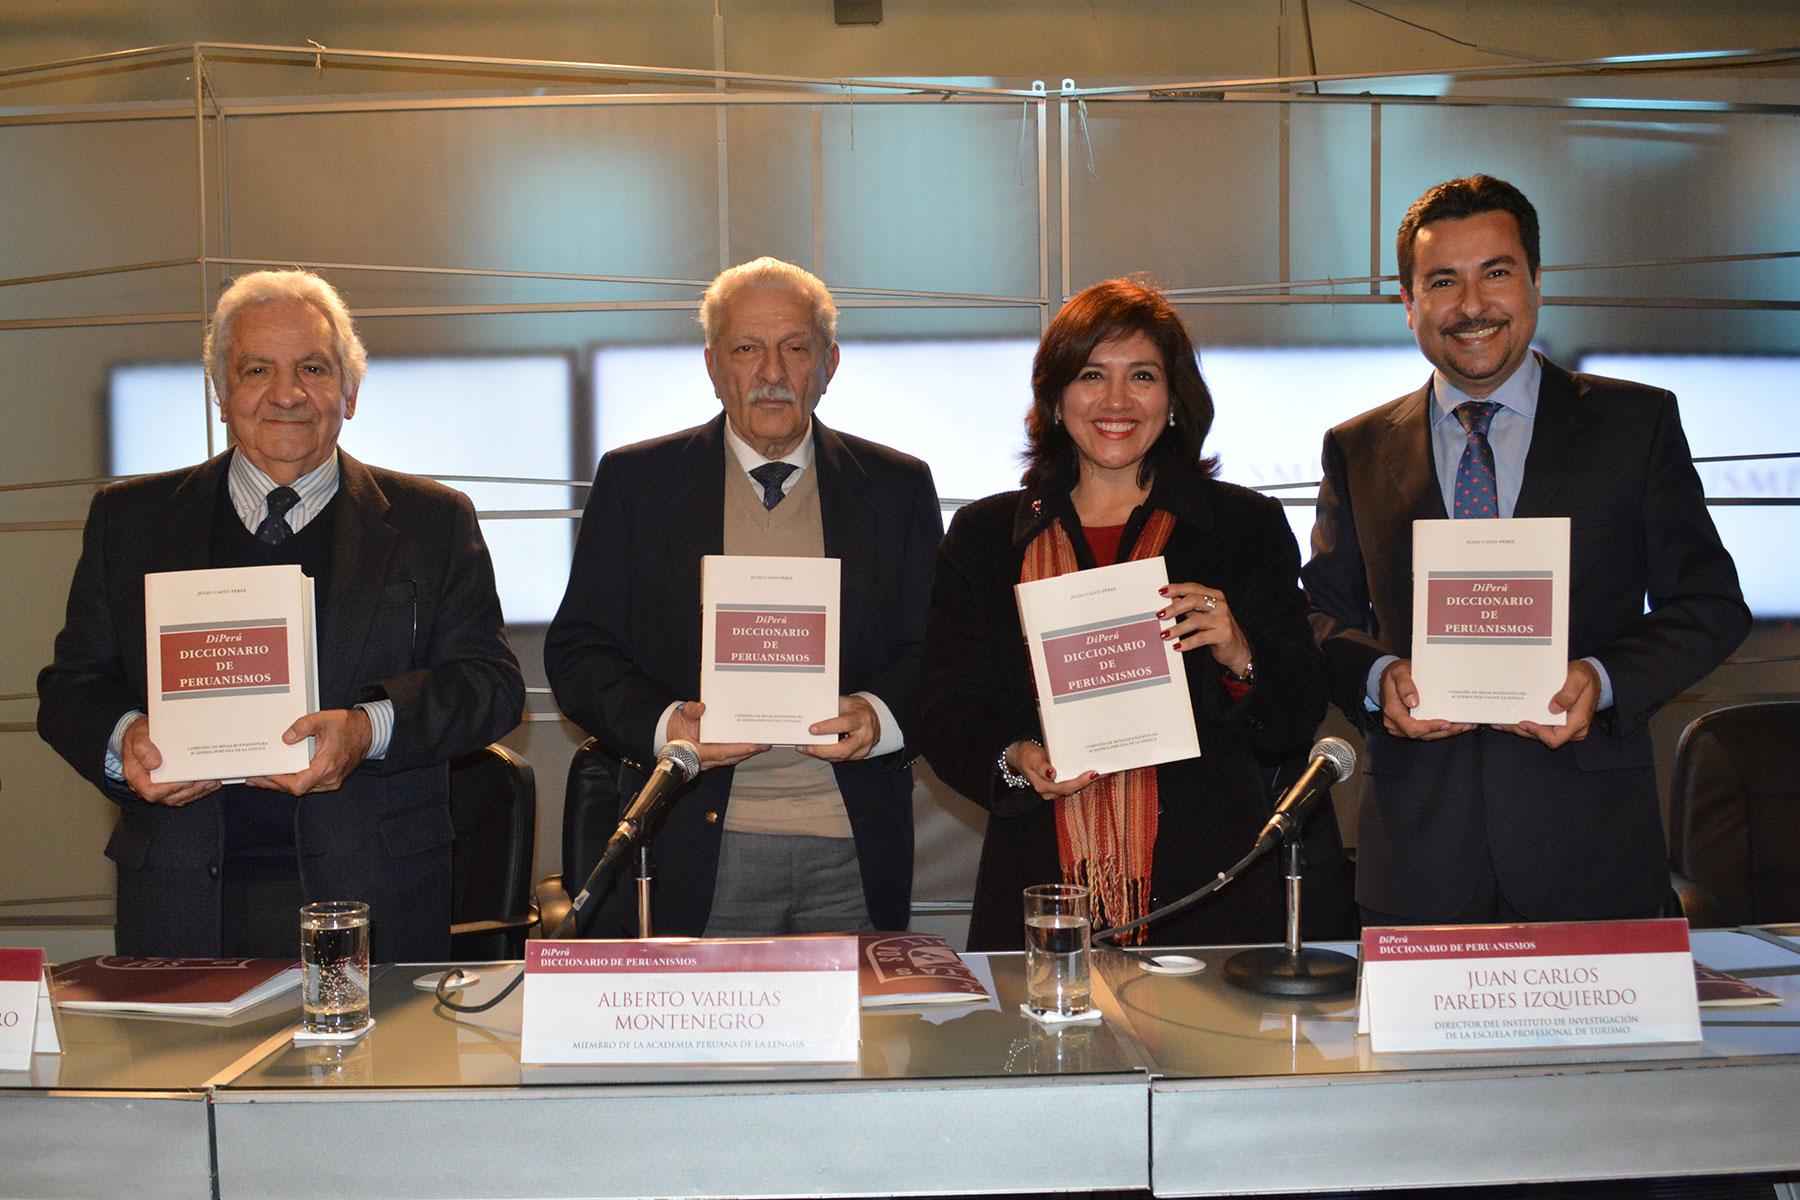 Academia Peruana De La Lengua Presenta DiPerú: Diccionario De Peruanismos En La FCCTP